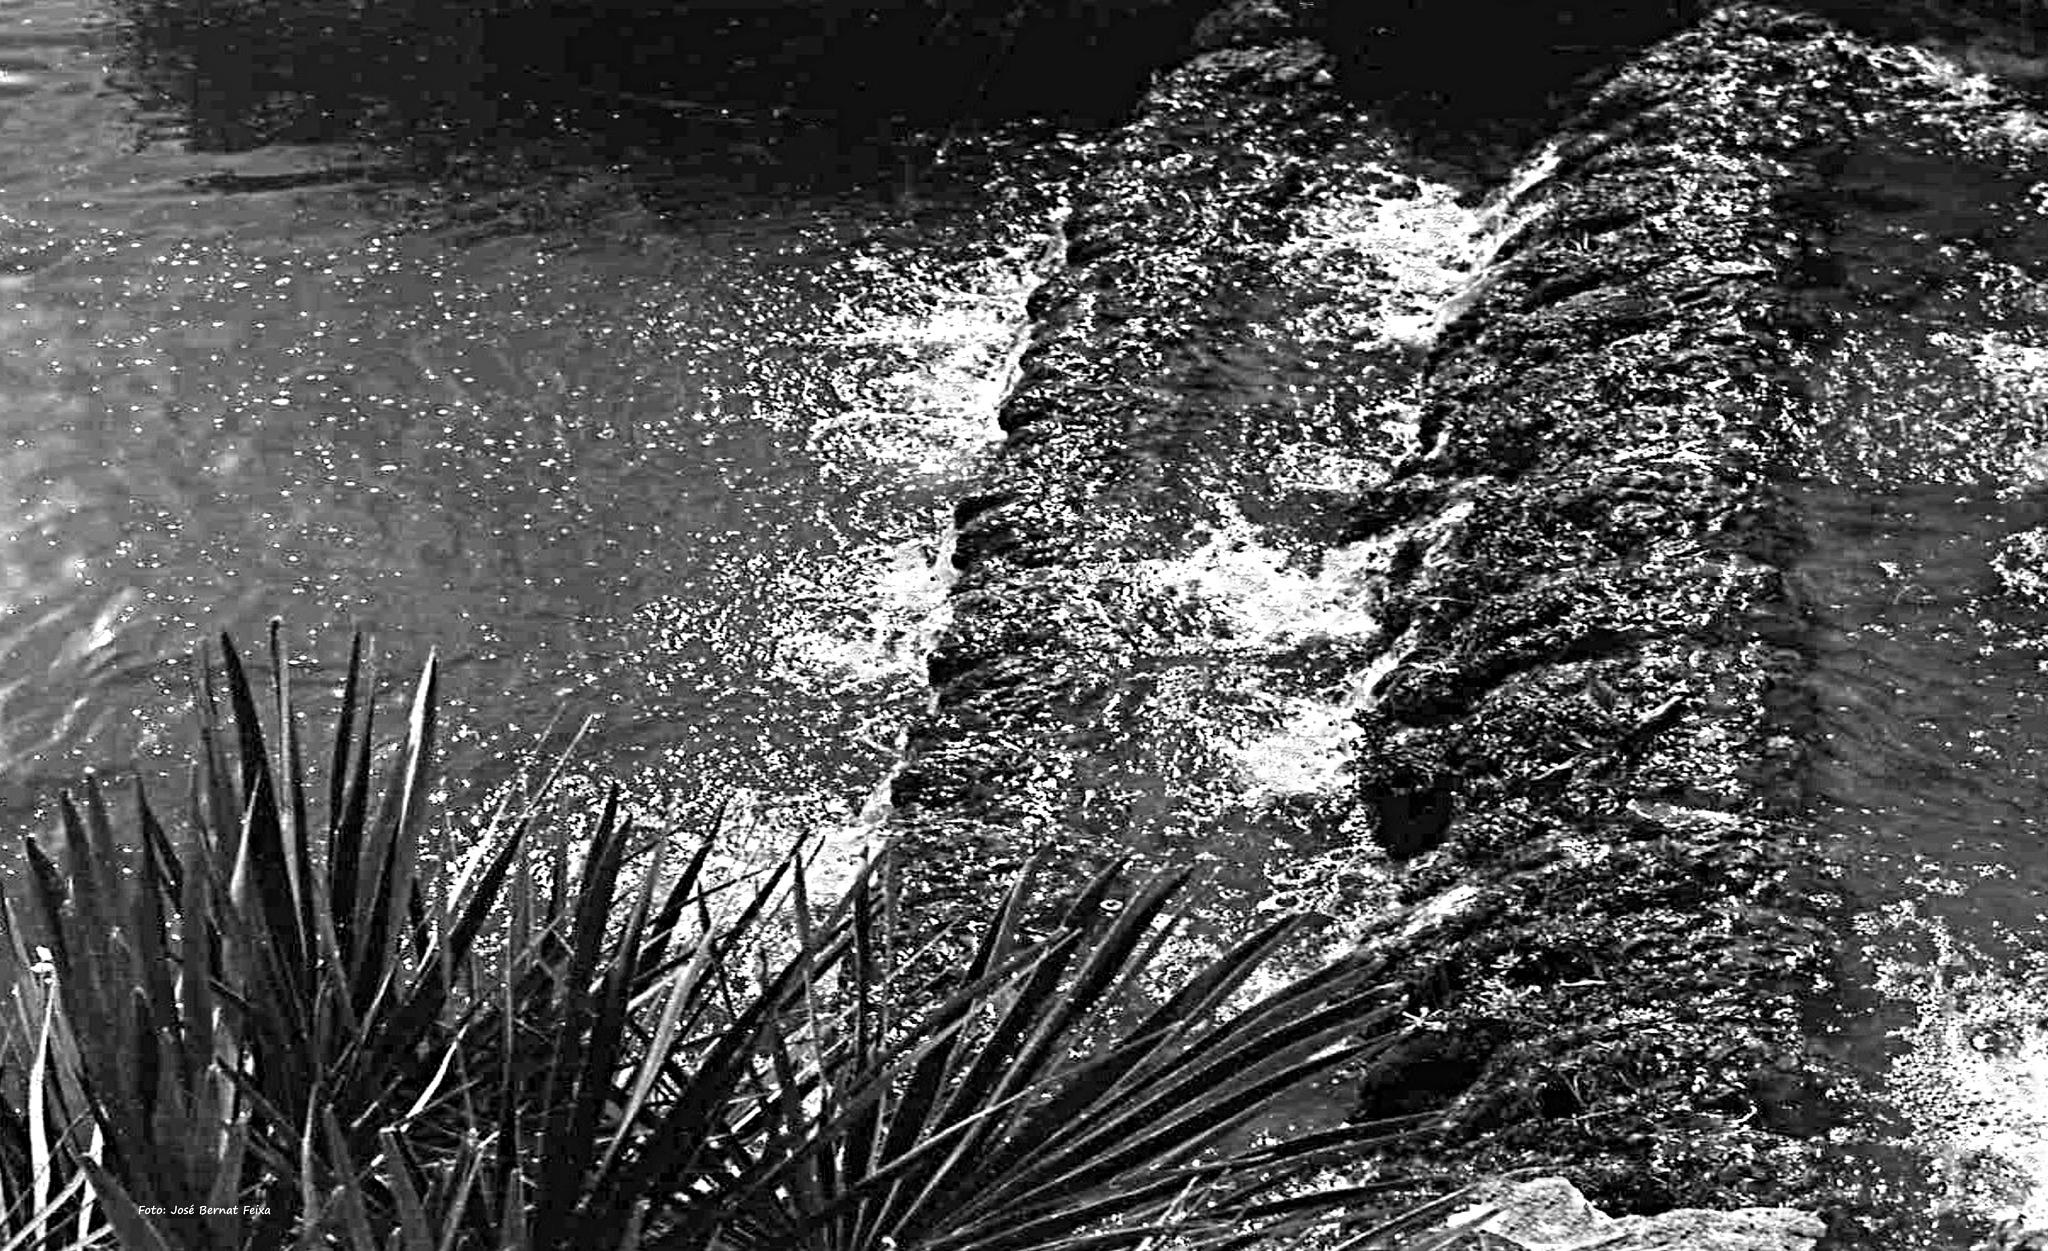 CASCADAS; WATERVALLEN; WATER FALLS (60's) by José Bernat Feixa